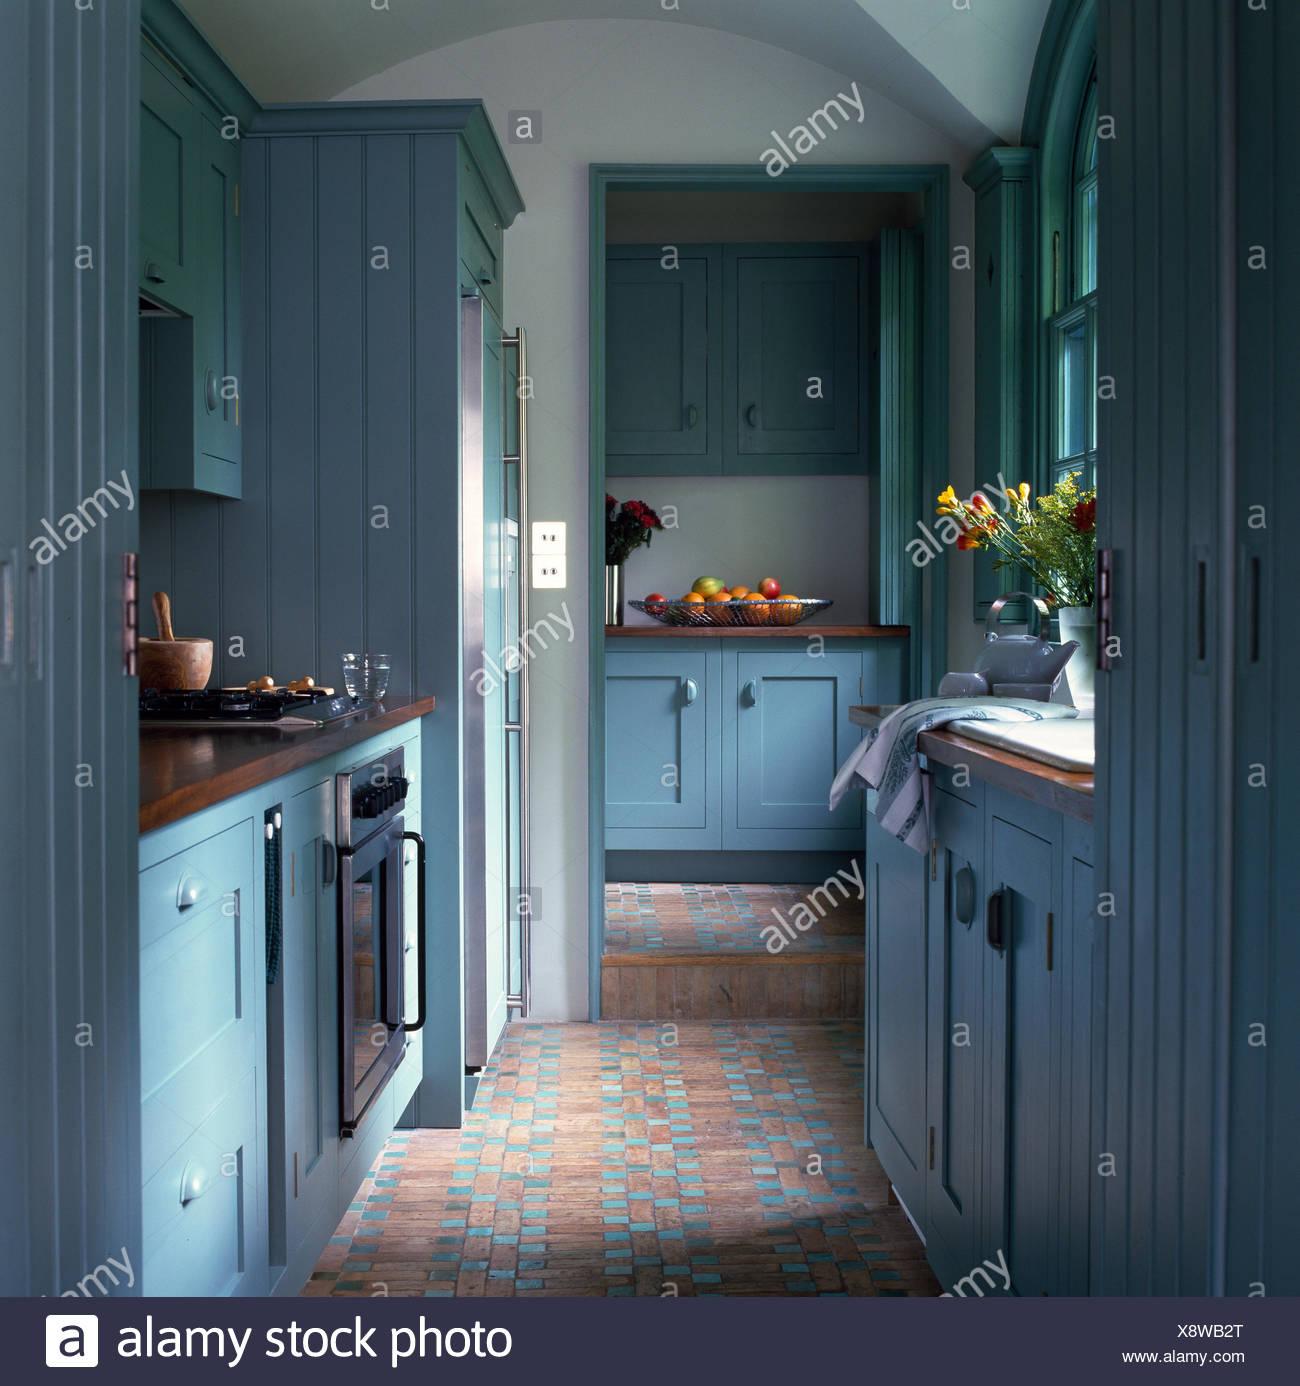 Atractivo Piso De La Cocina Azulejos Irlanda Cresta - Ideas de ...